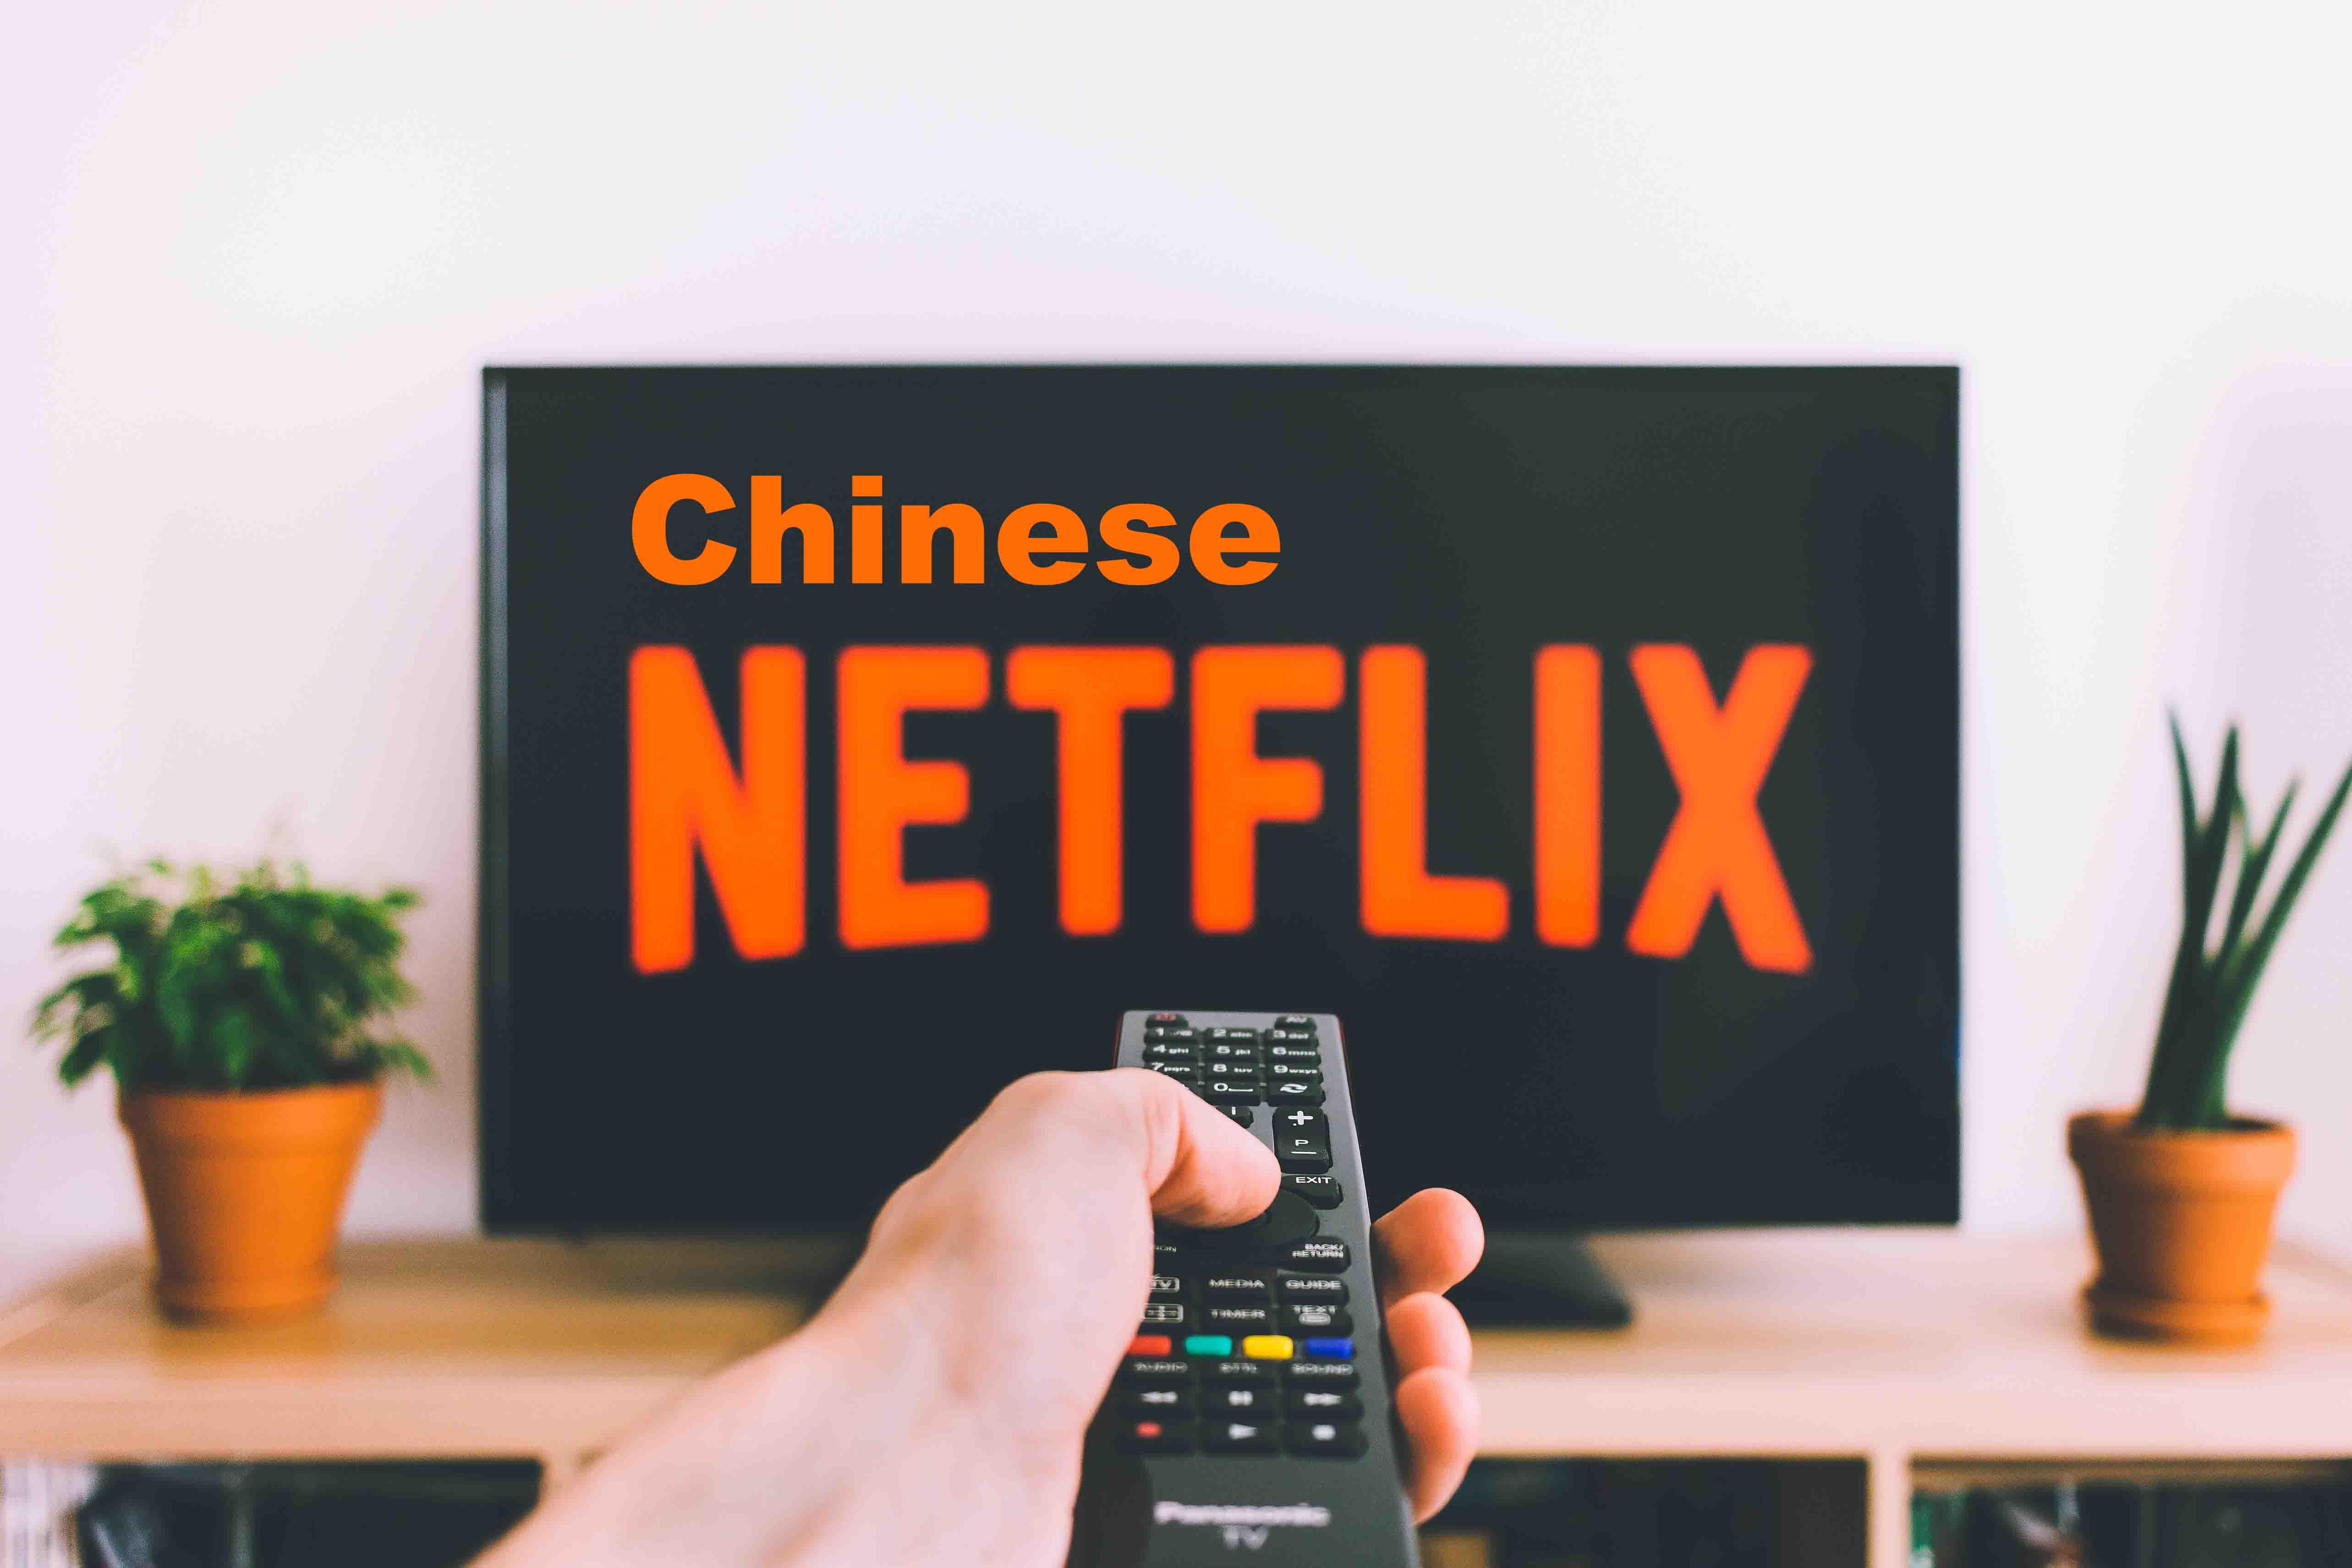 Chinese Netflix